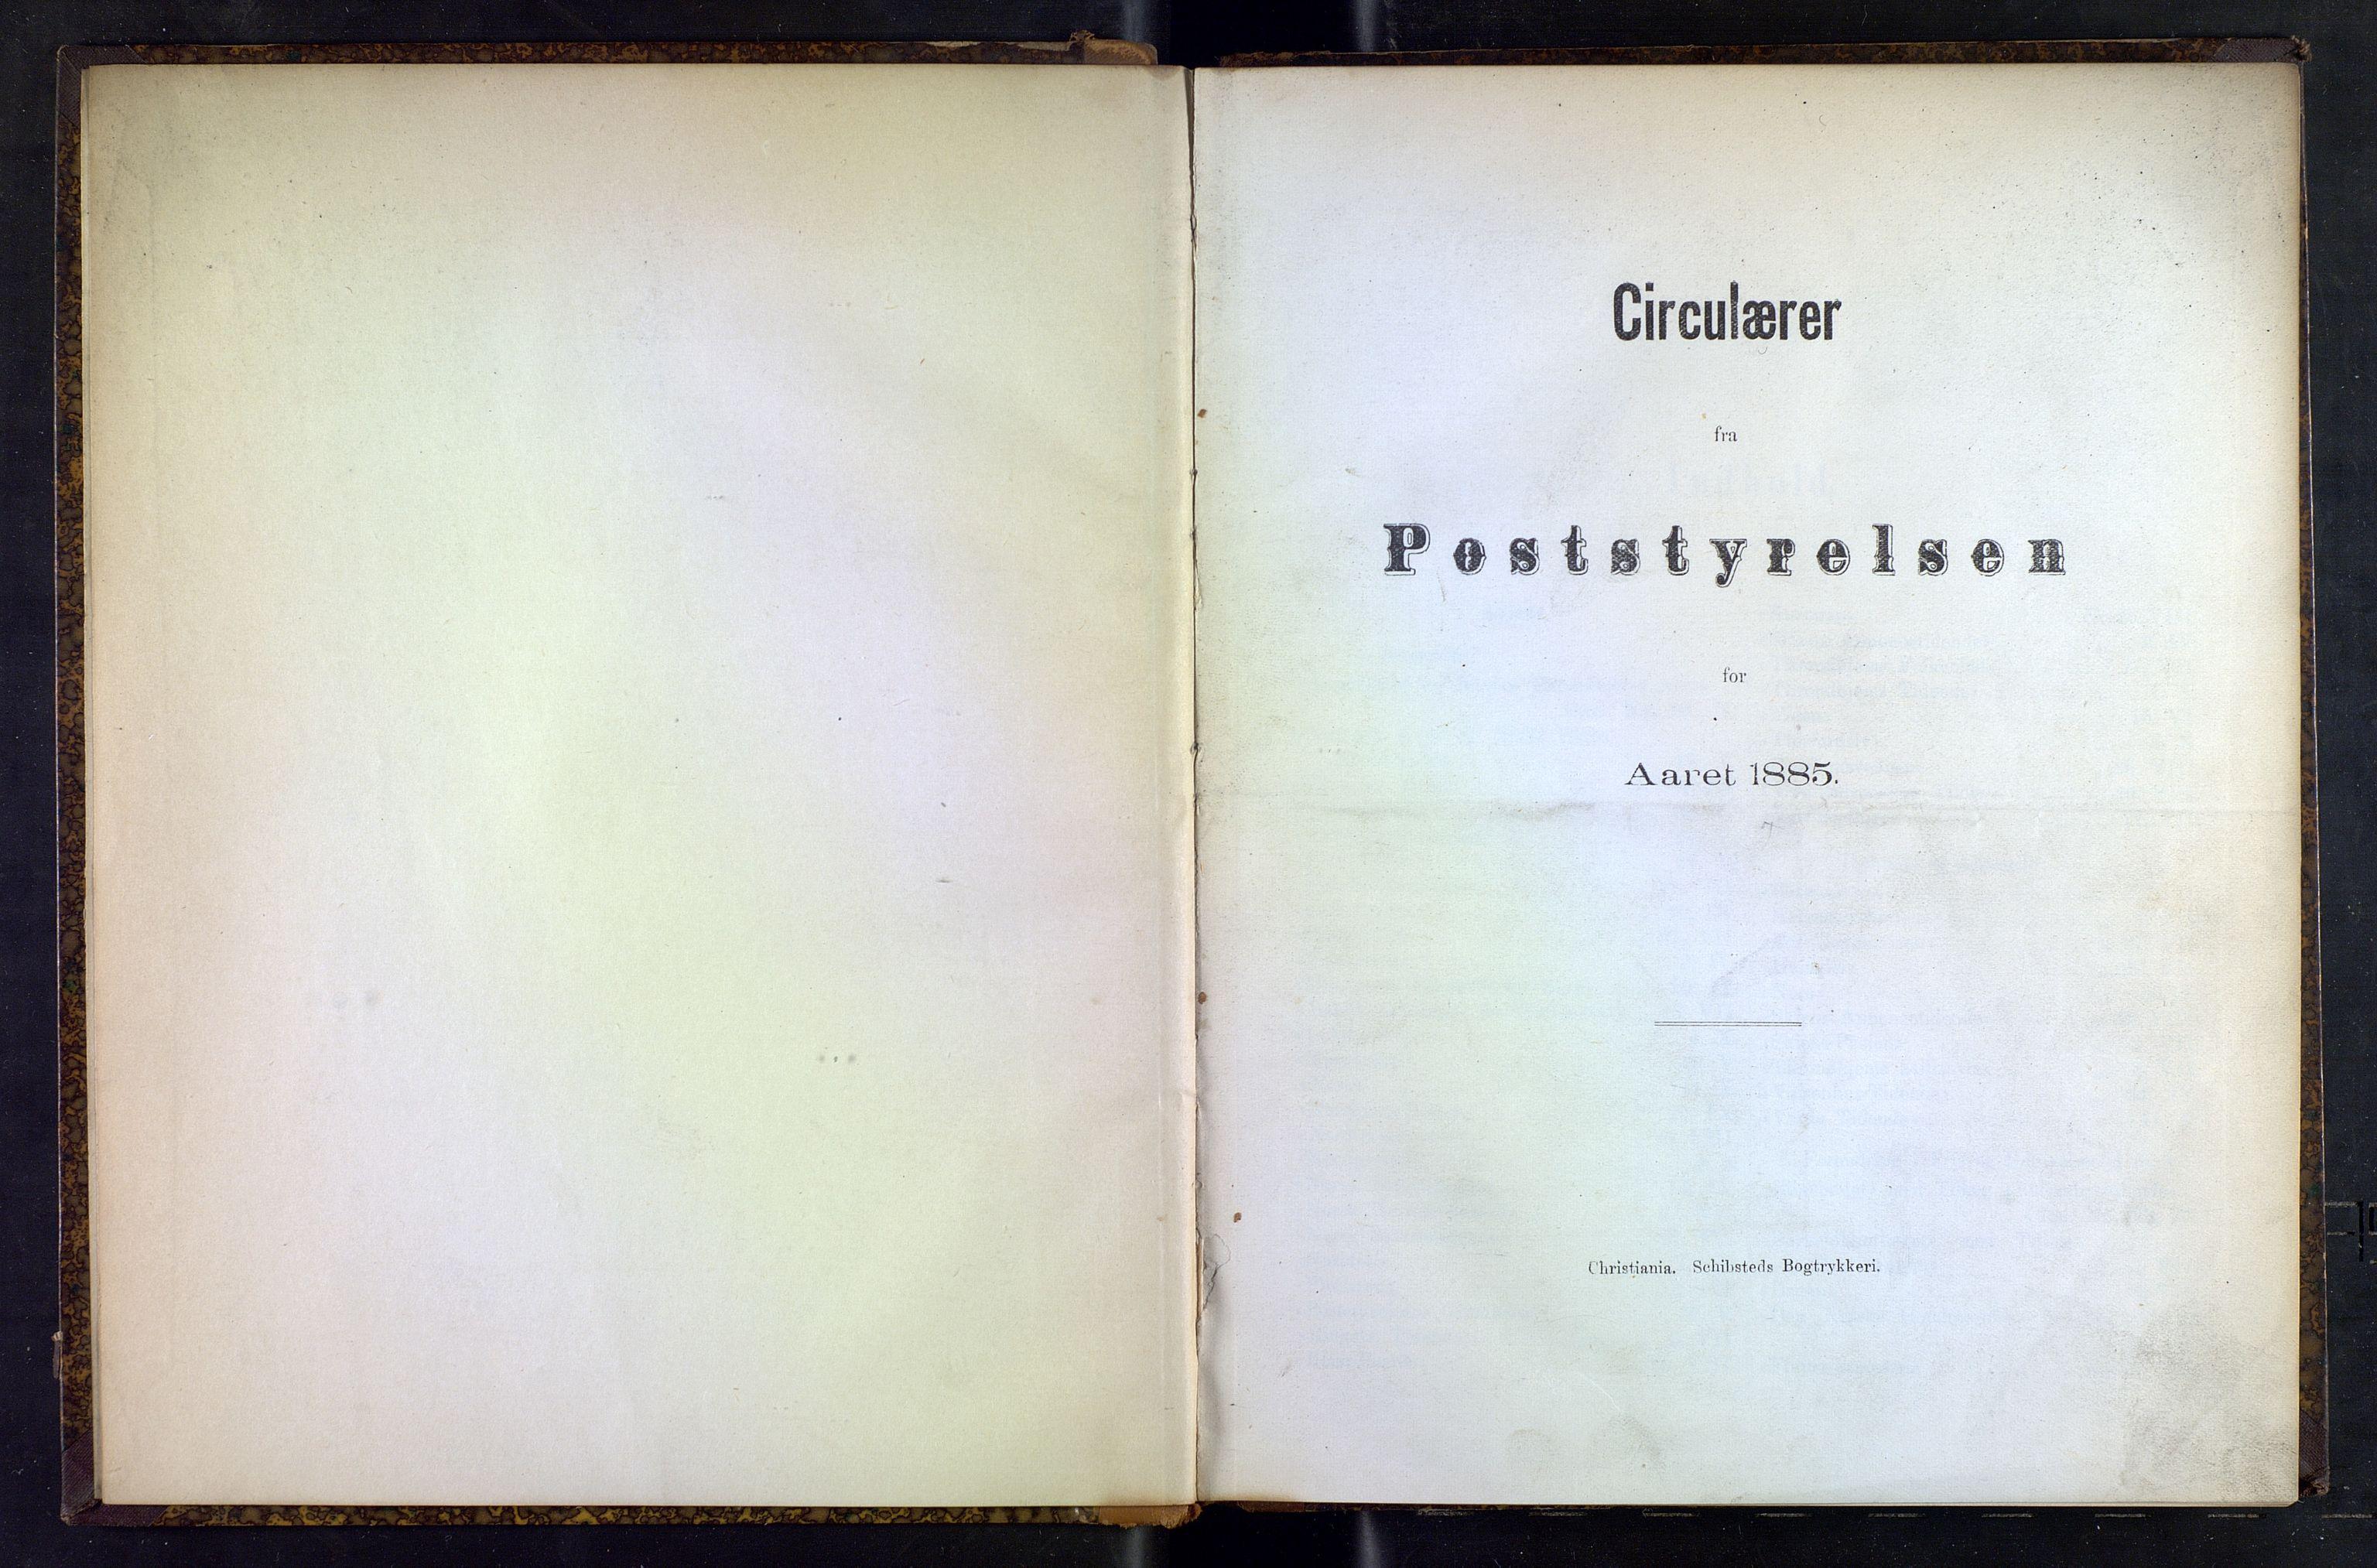 NOPO, Norges Postmuseums bibliotek, -/-: Sirkulærer fra Poststyrelsen, 1885